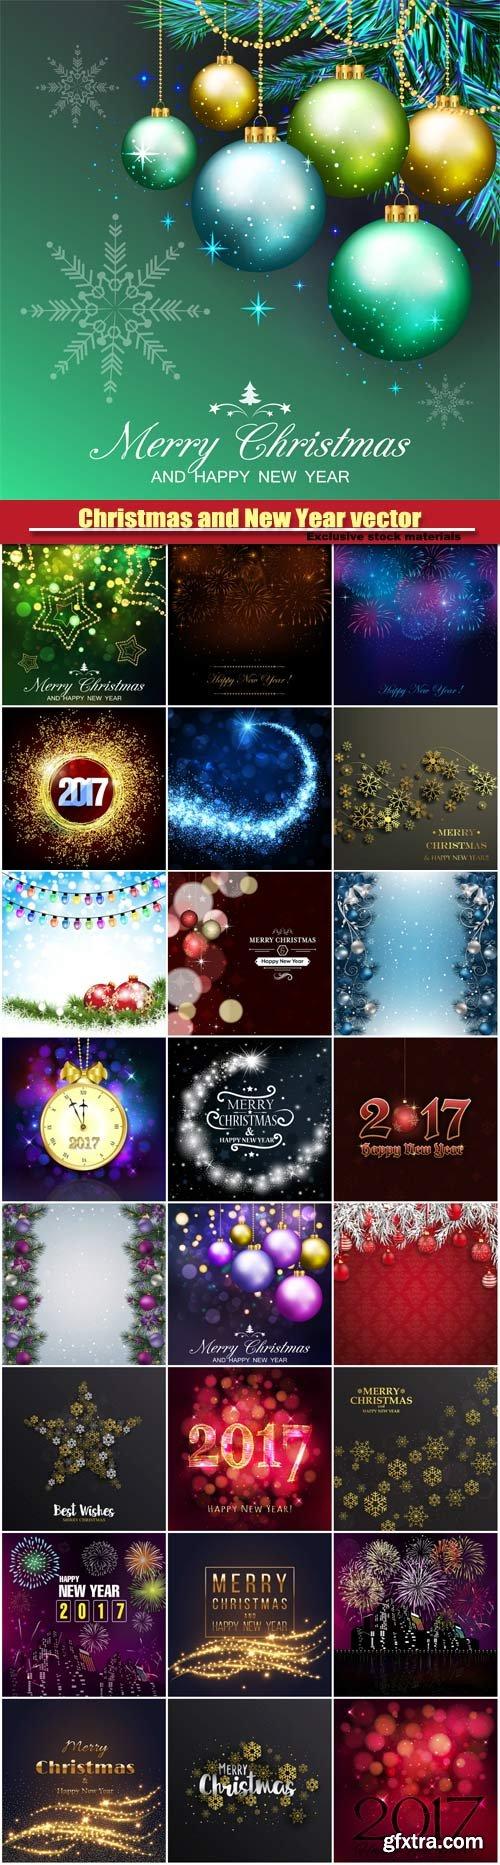 Christmas and New Year vector, abstract bokeh lights, christmas balls